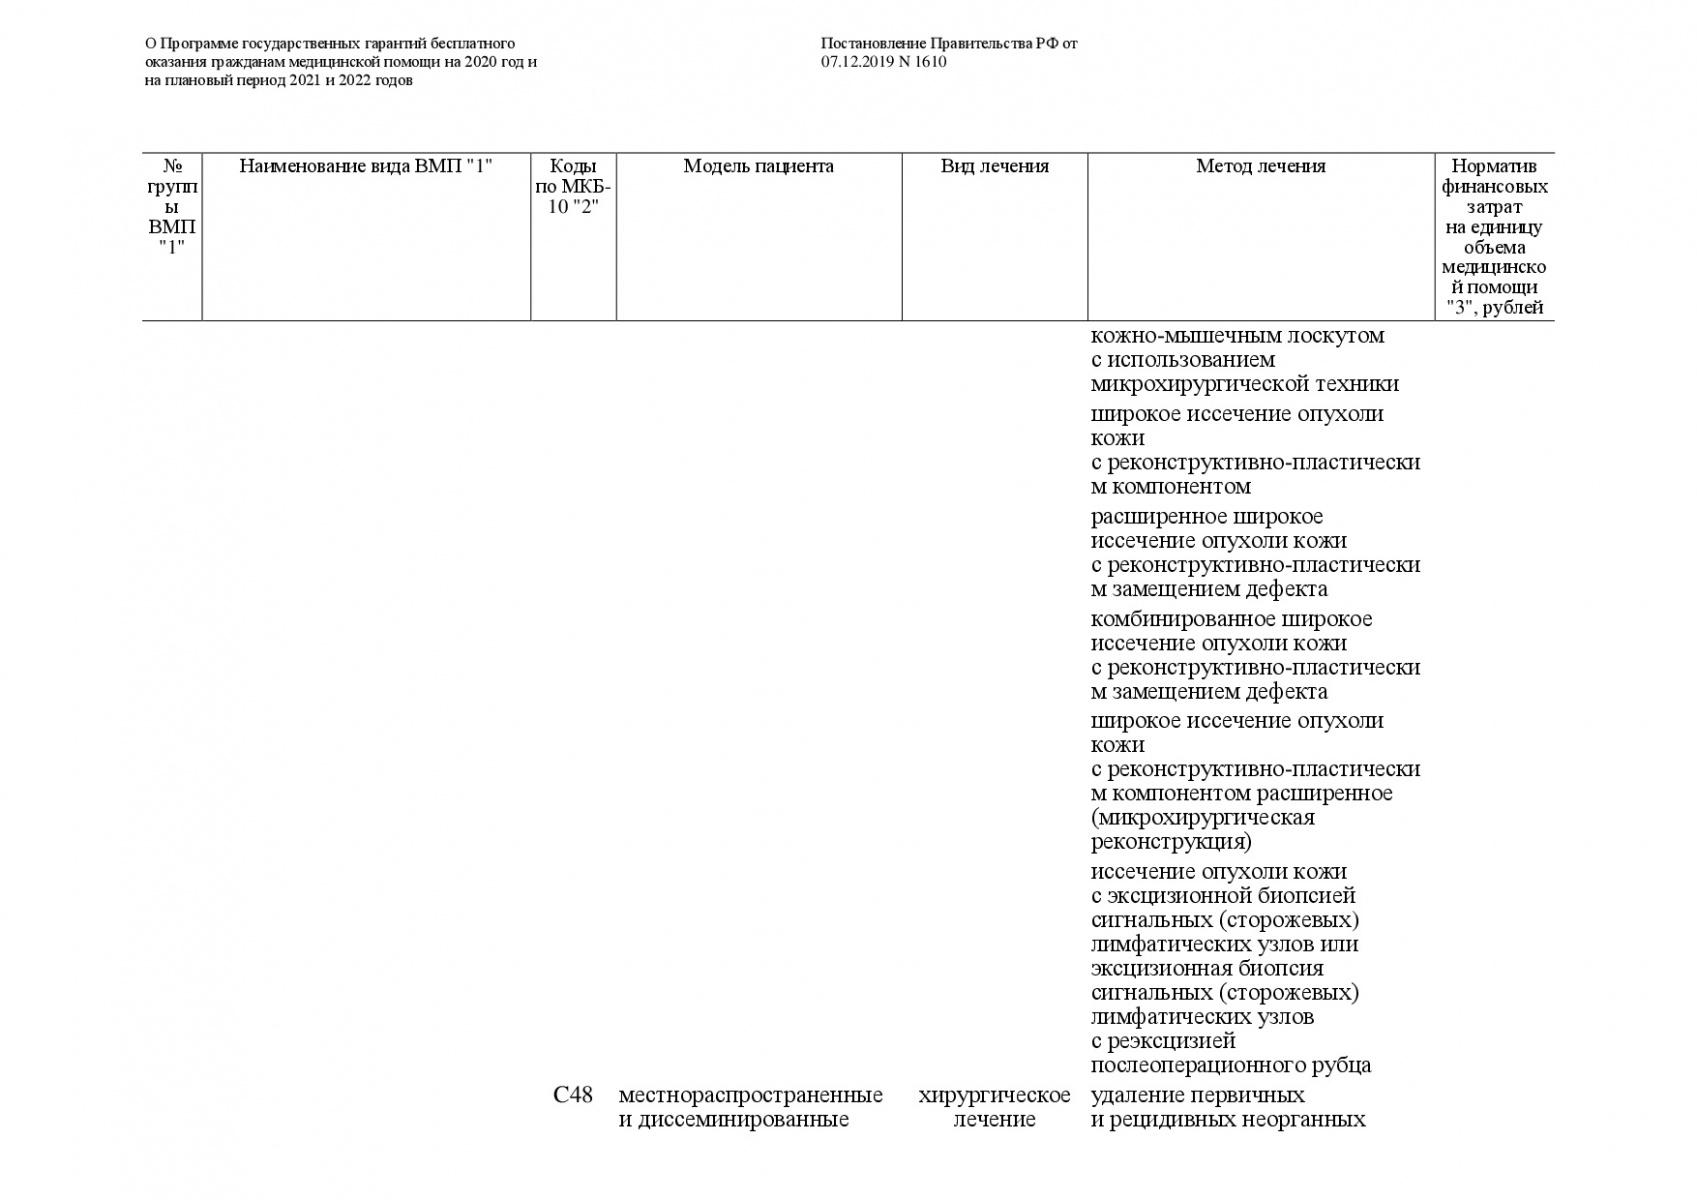 Postanovlenie-Pravitelstva-RF-ot-07_12_2019-1610-O-PGG-087